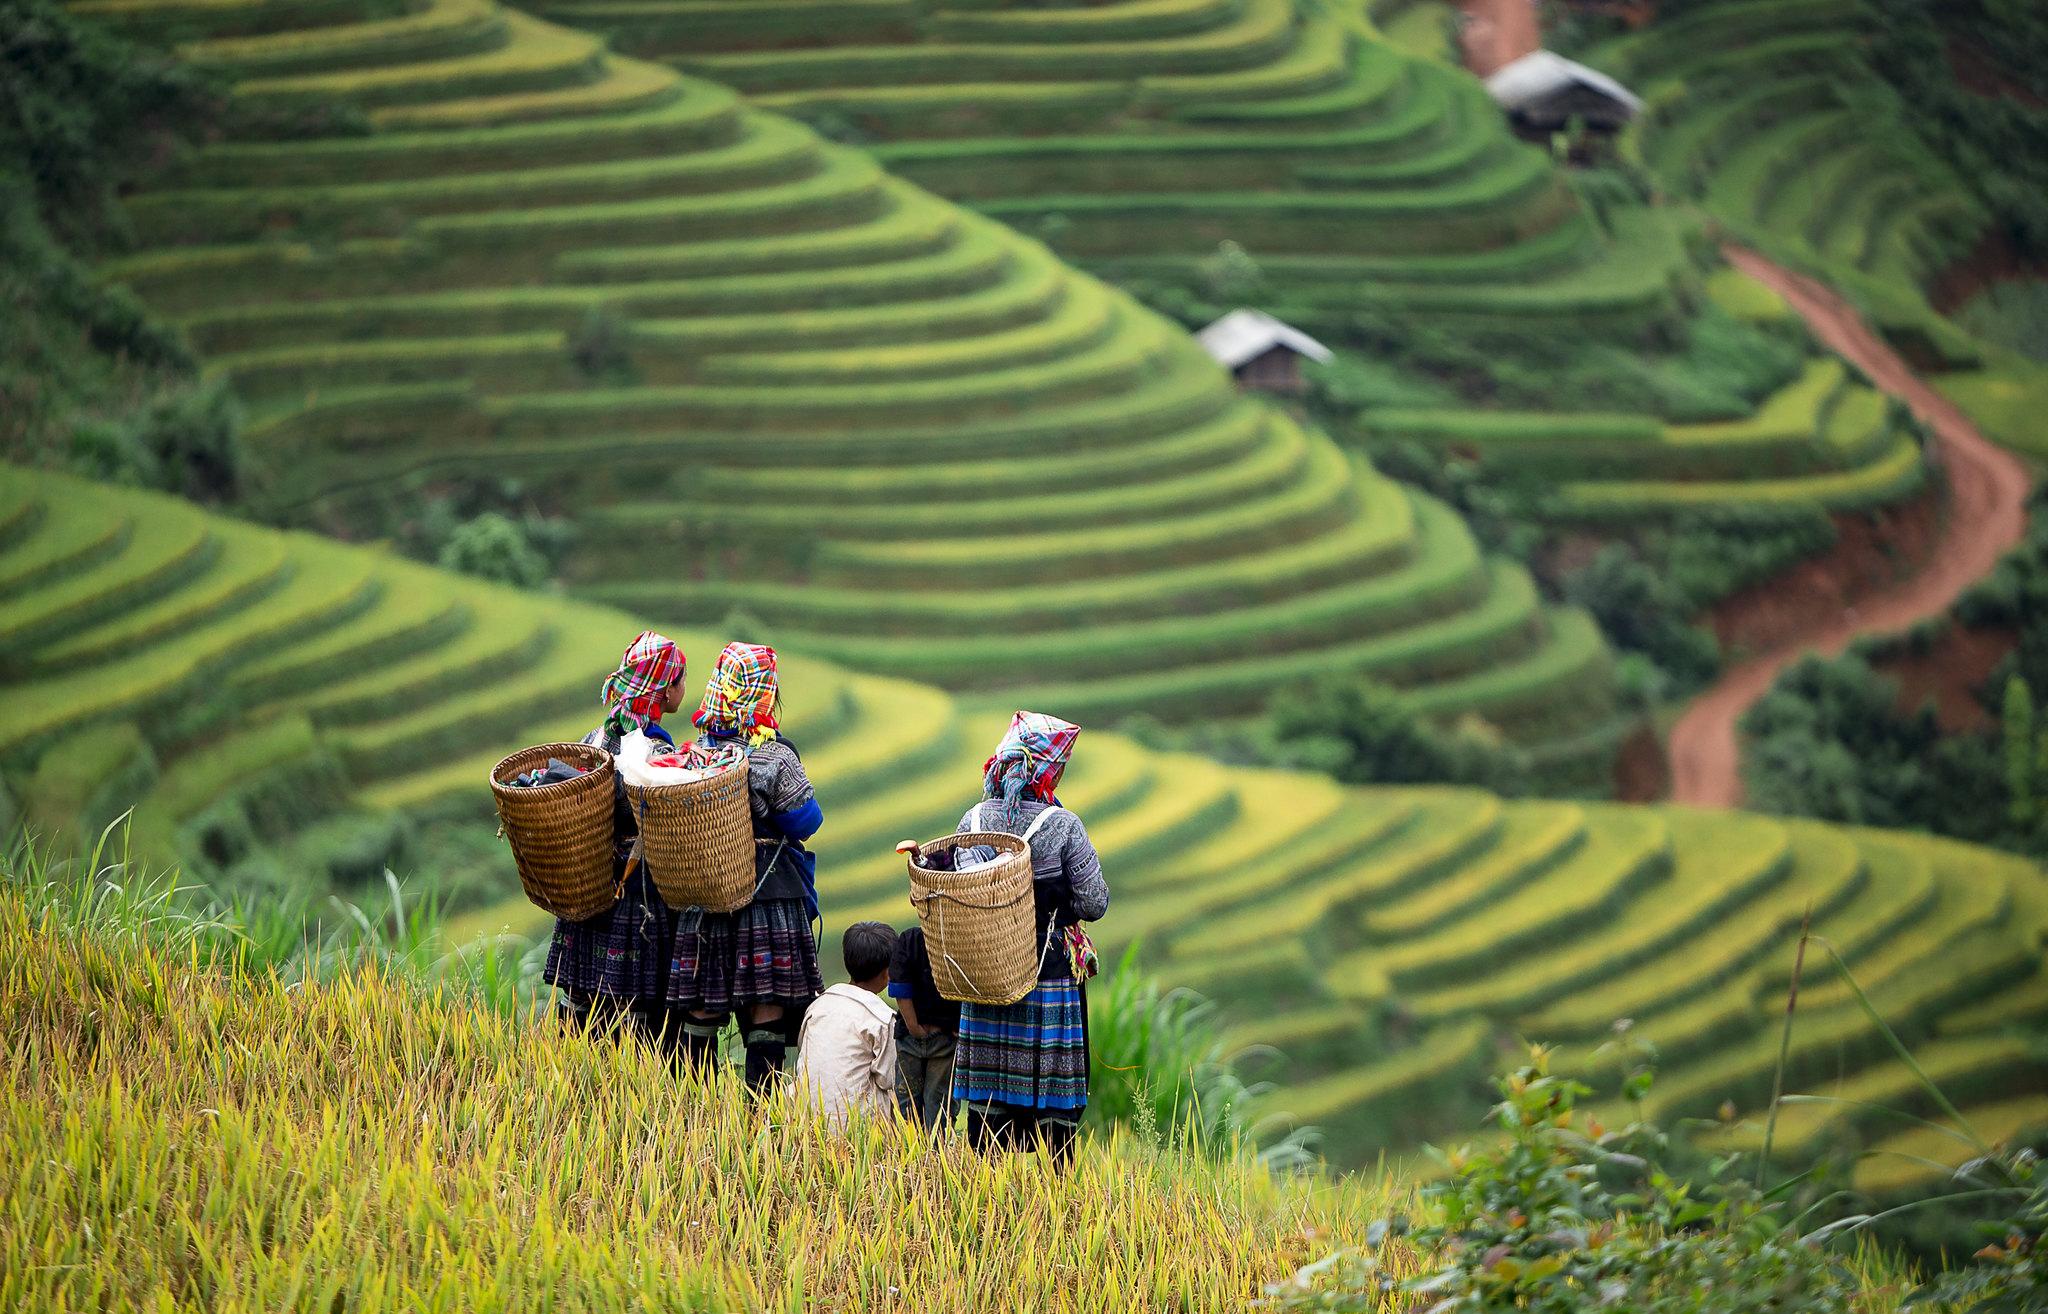 Khám phá tour du lịch Tây Bắc Mai Châu - Mộc Châu - Điện Biên - Lai Châu - Sapa